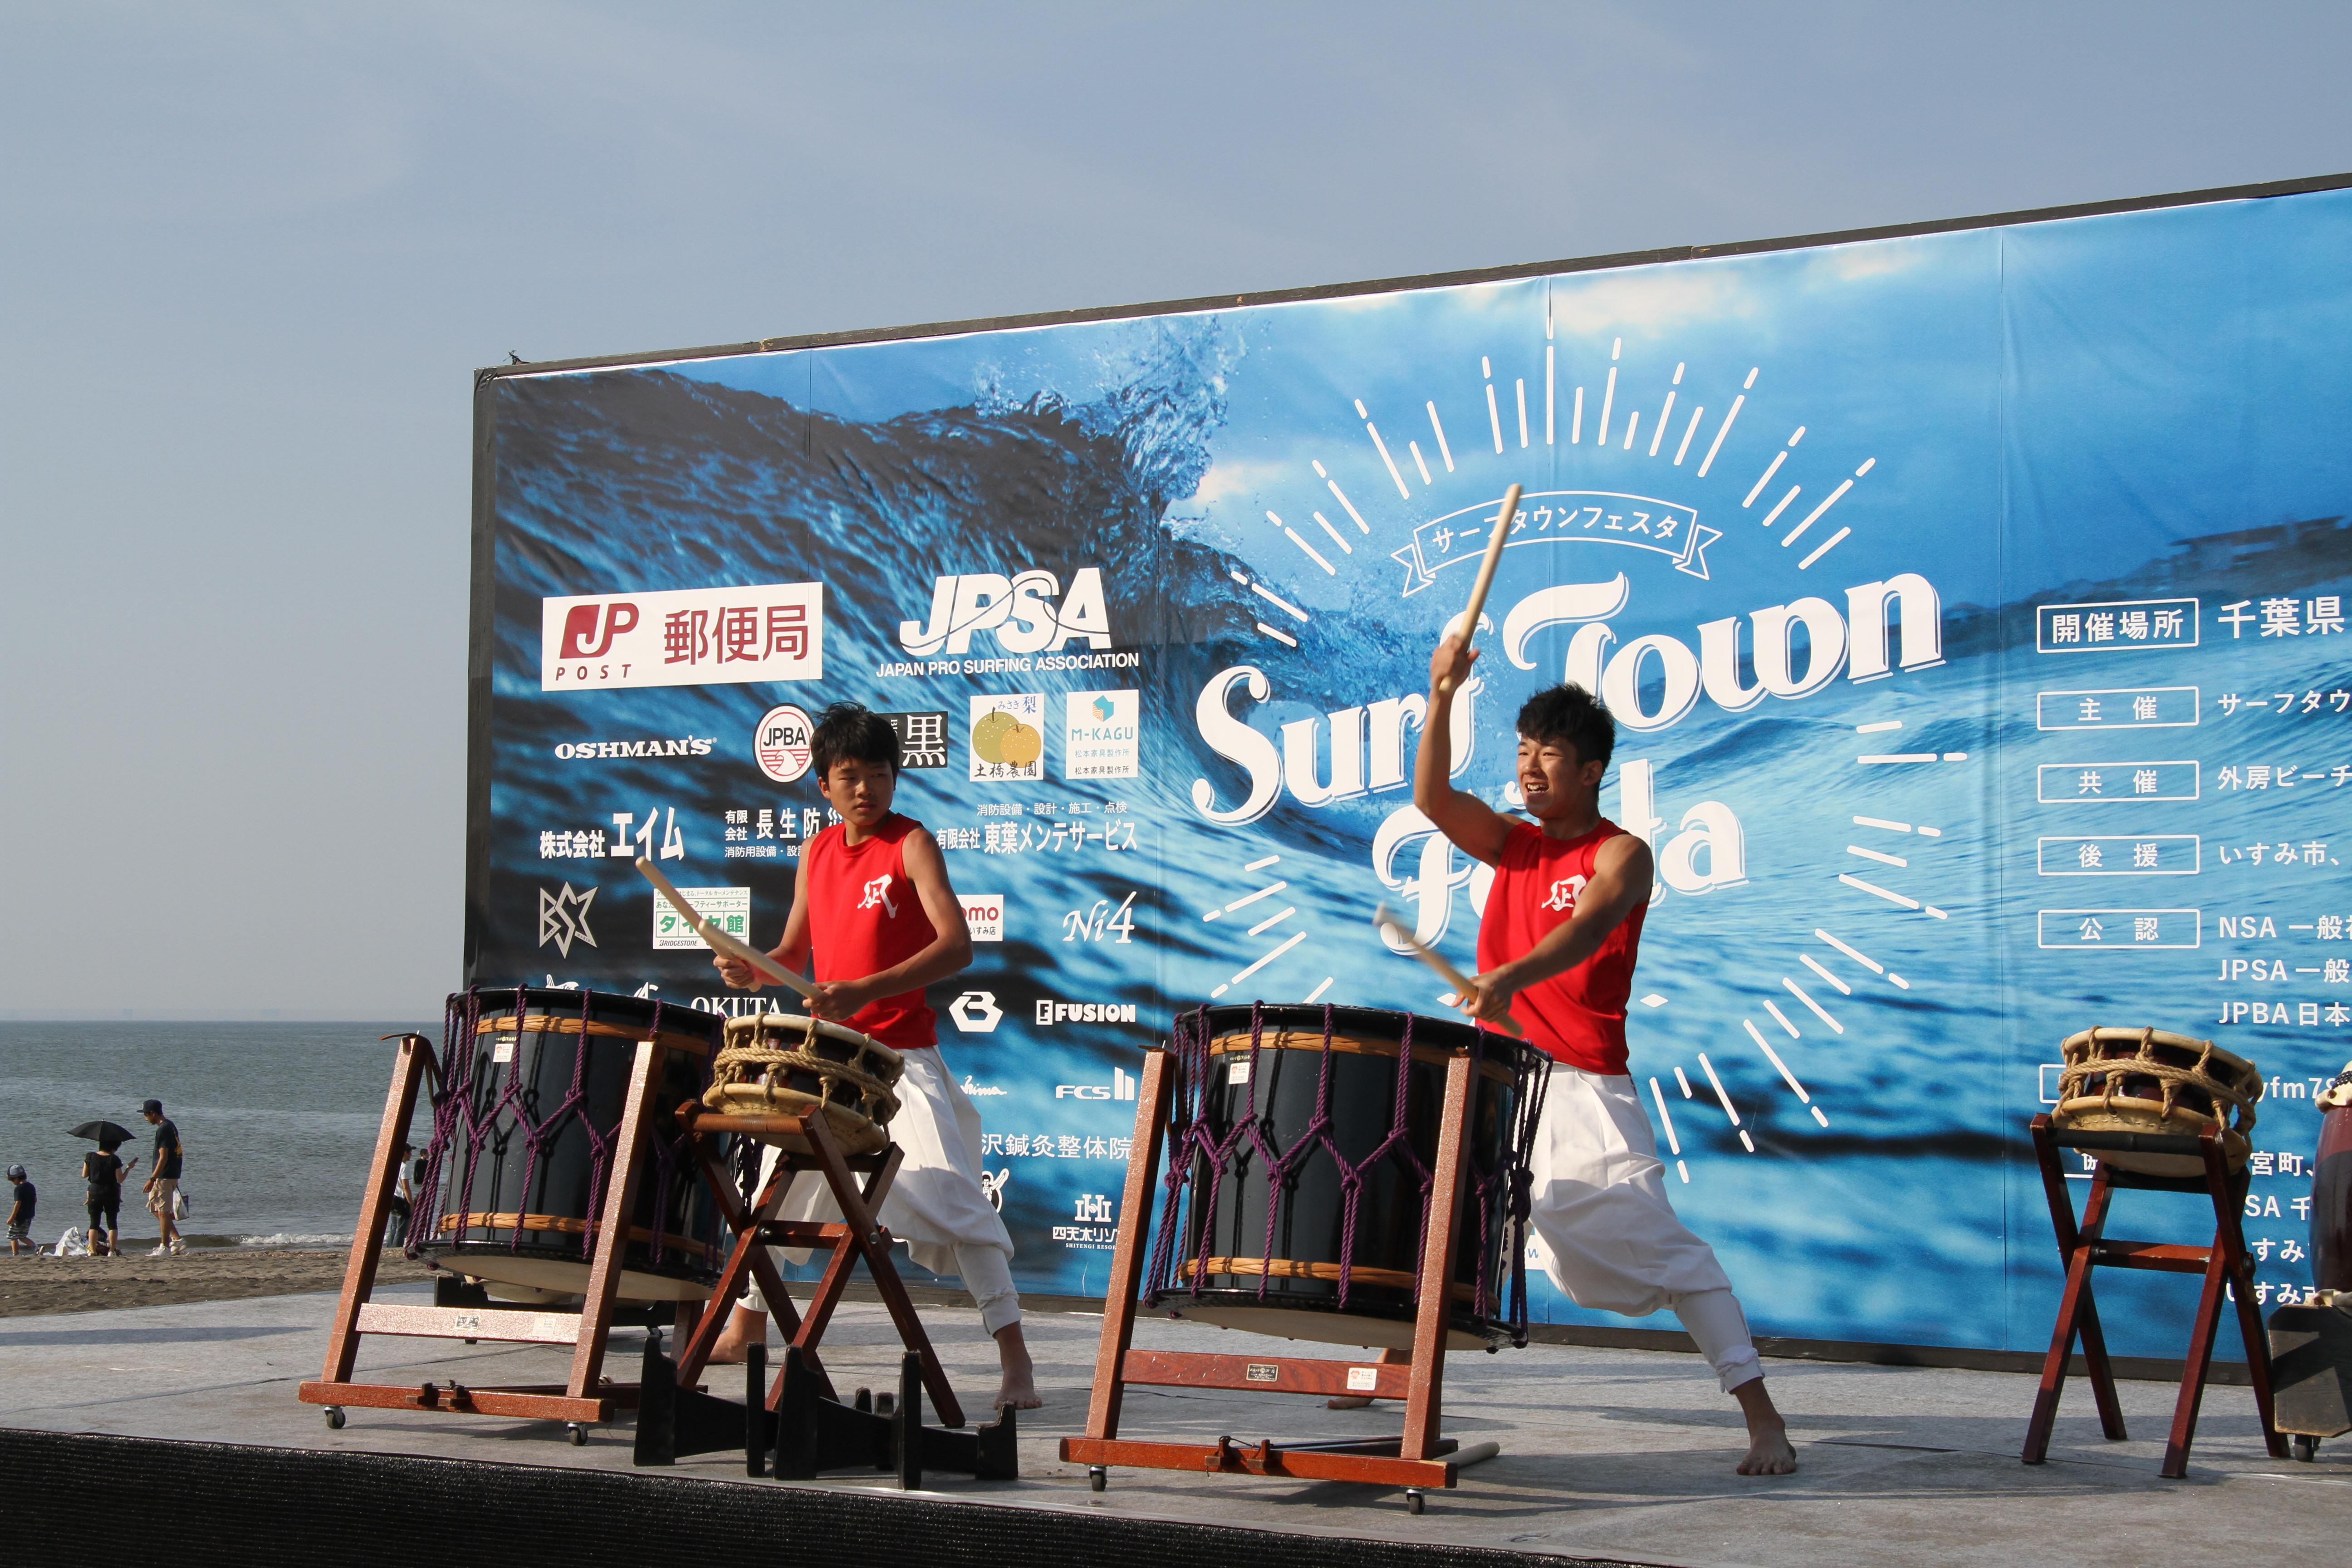 和太鼓演奏も行われた。